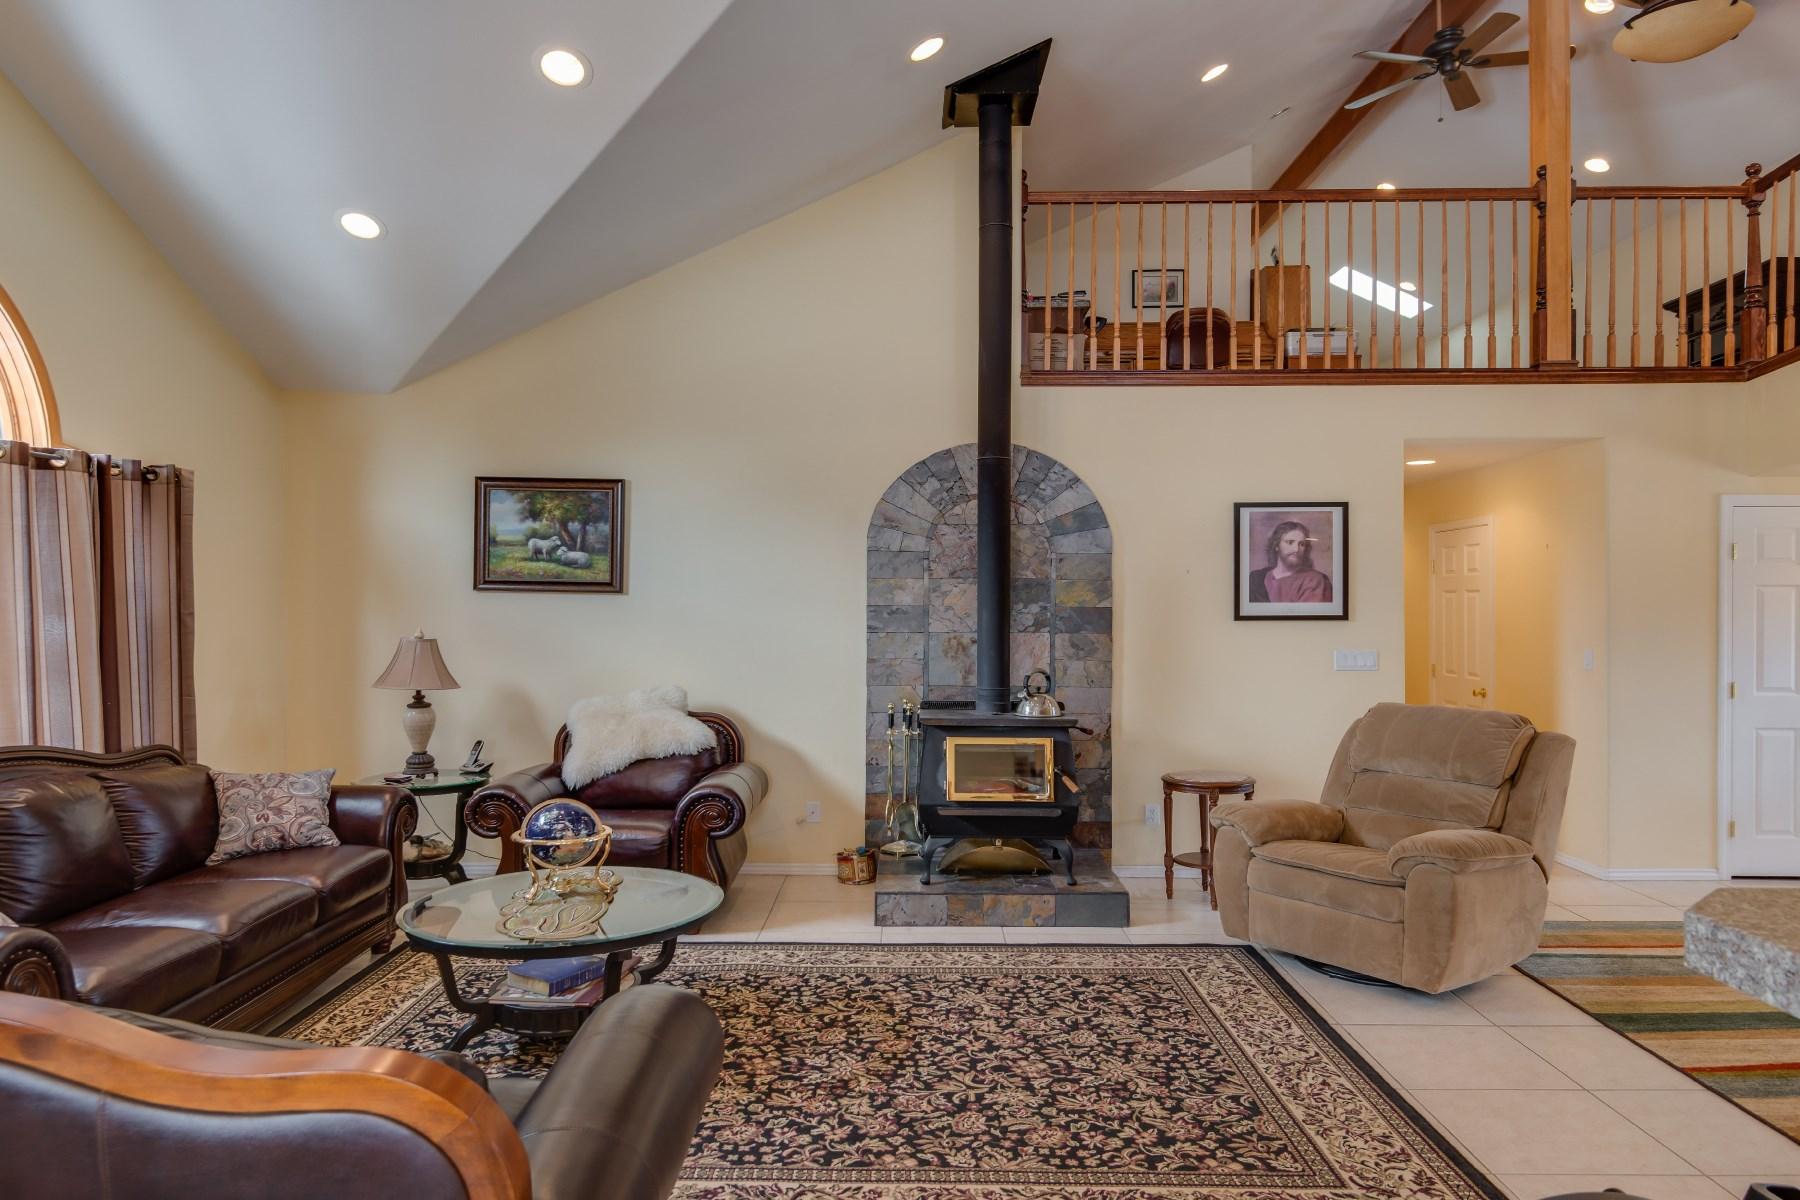 独户住宅 为 销售 在 16 Camino Fresca Ojo Caliente, 新墨西哥州 87549 美国